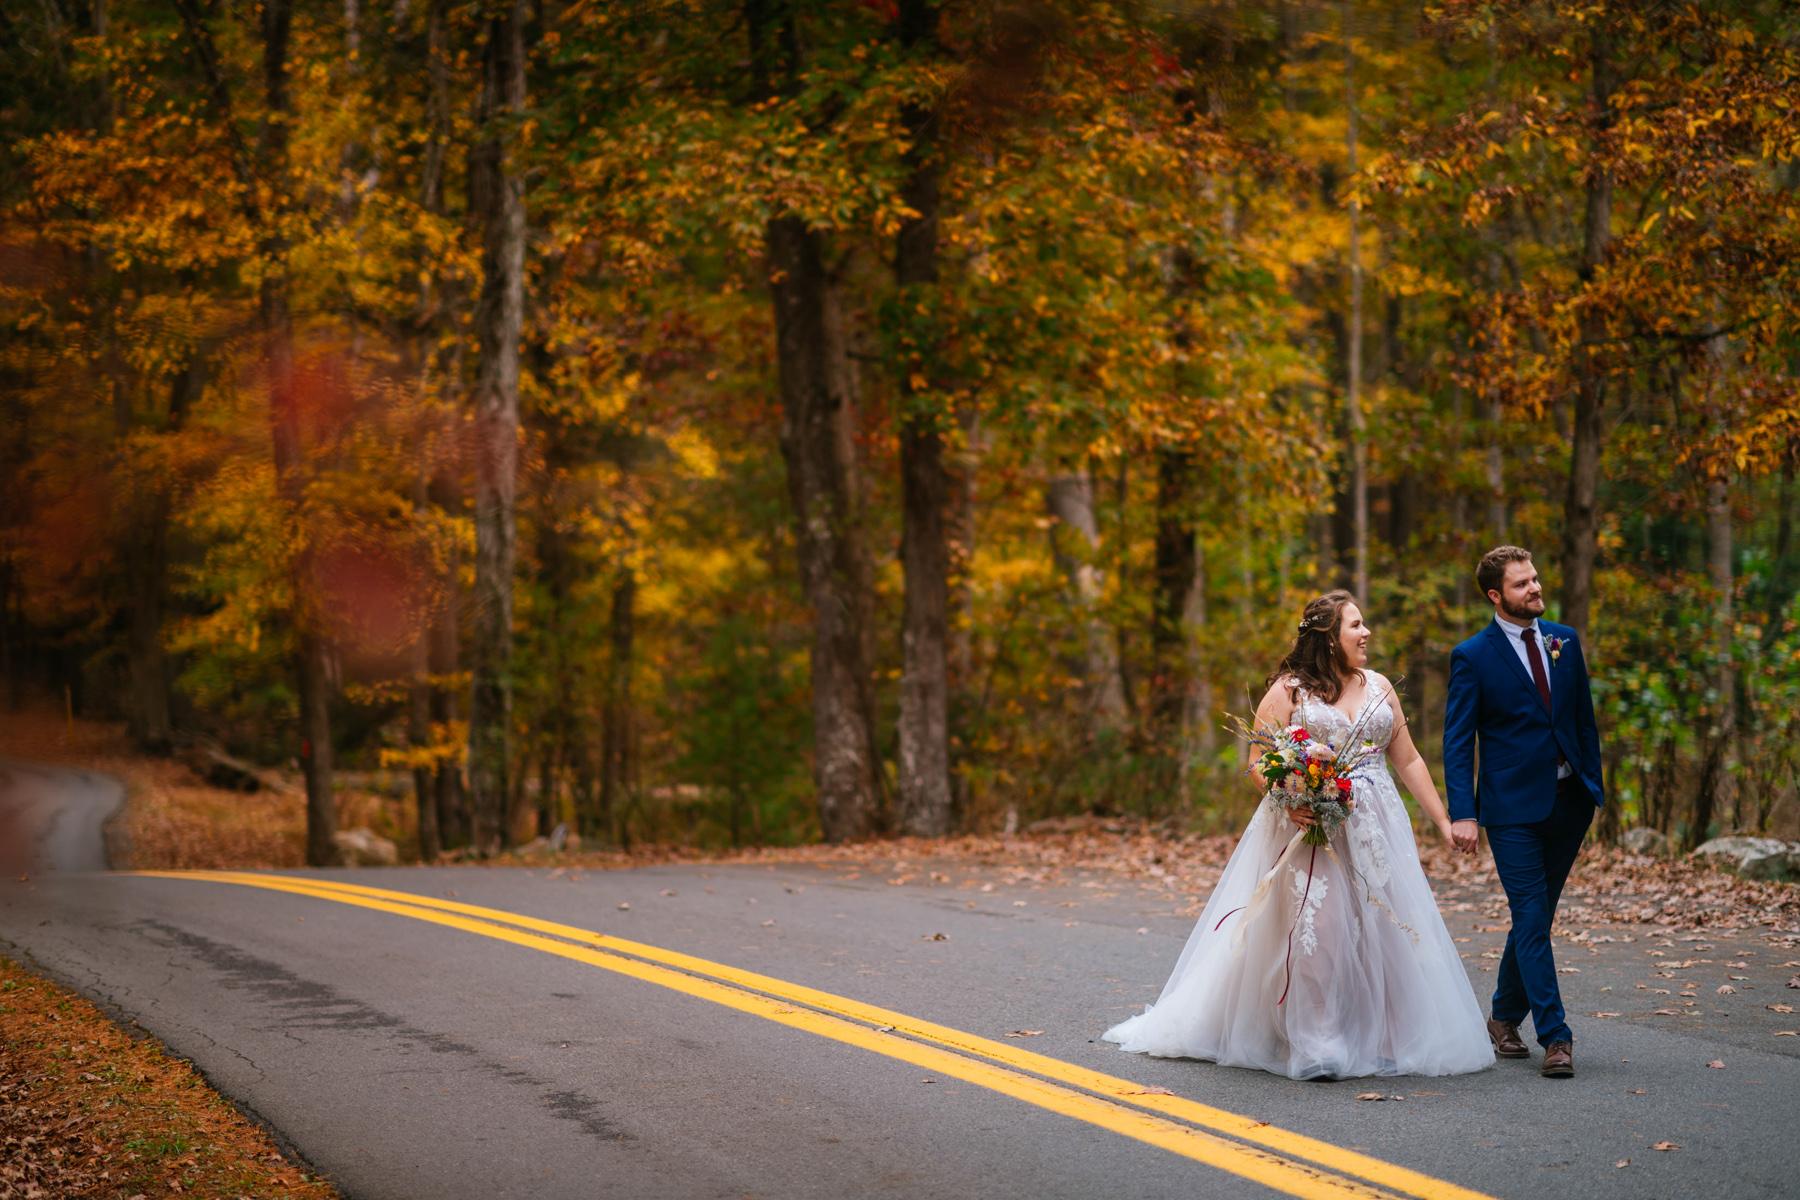 bride groom walking down wv road in fall